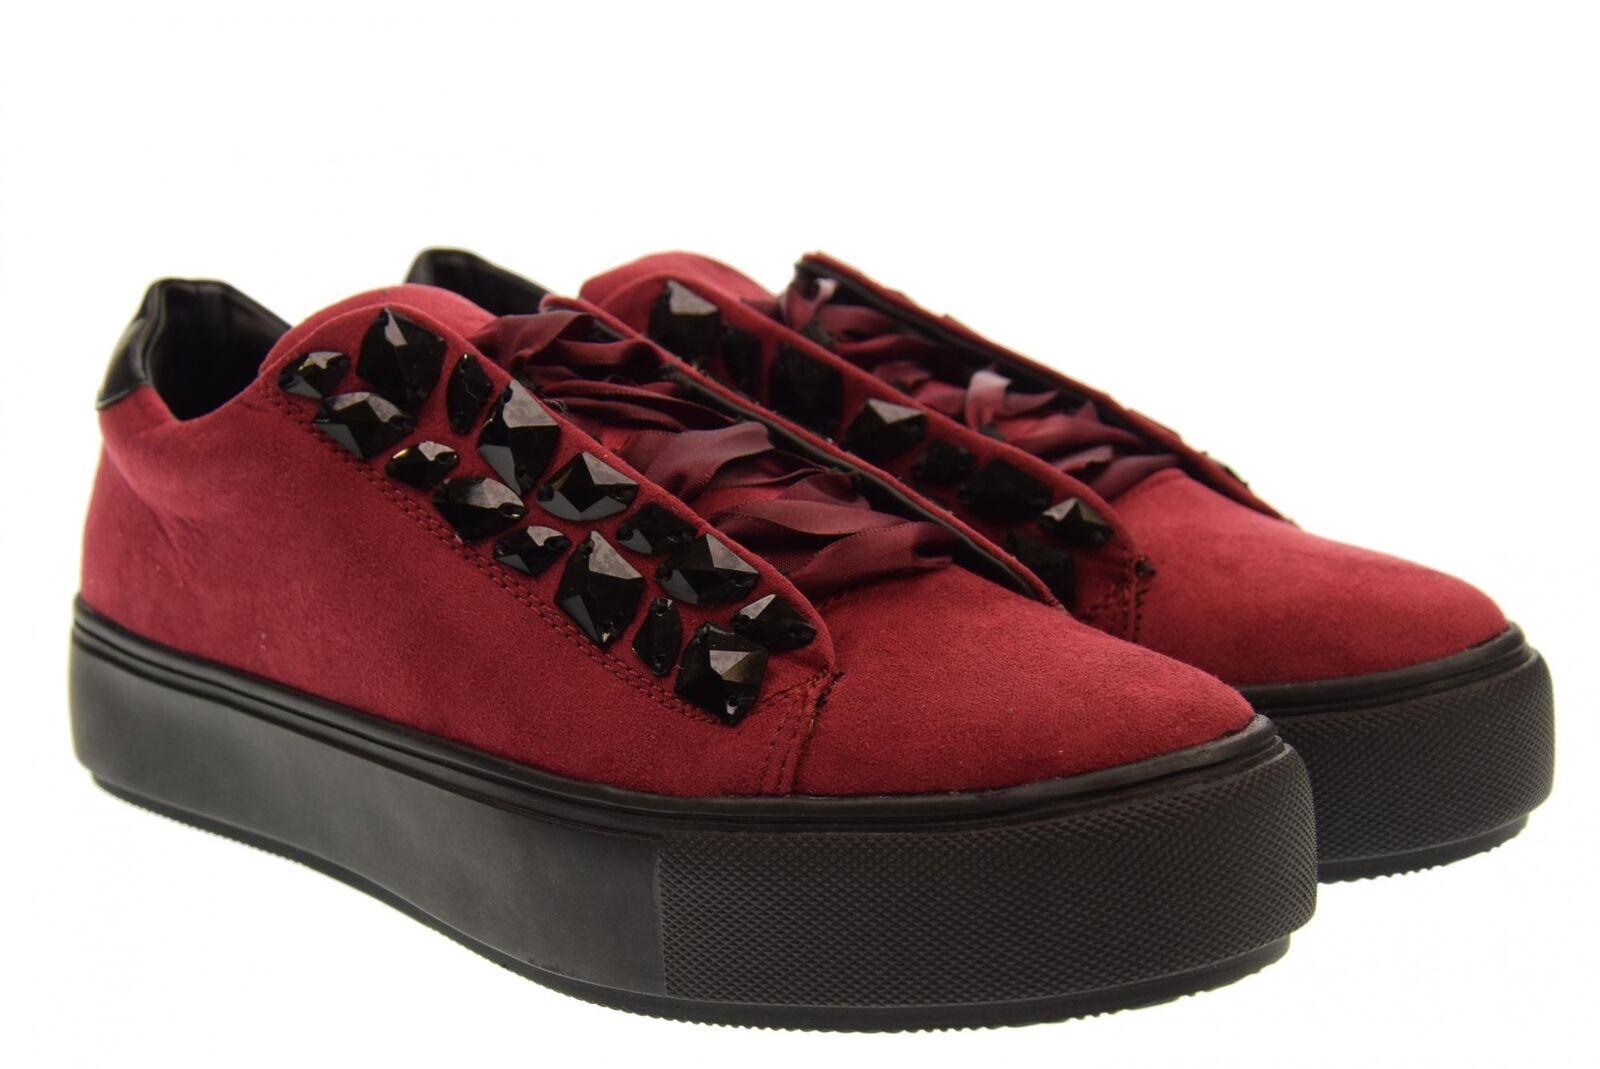 Xti A18us shoes woman low sneakers 48369 bordeaux